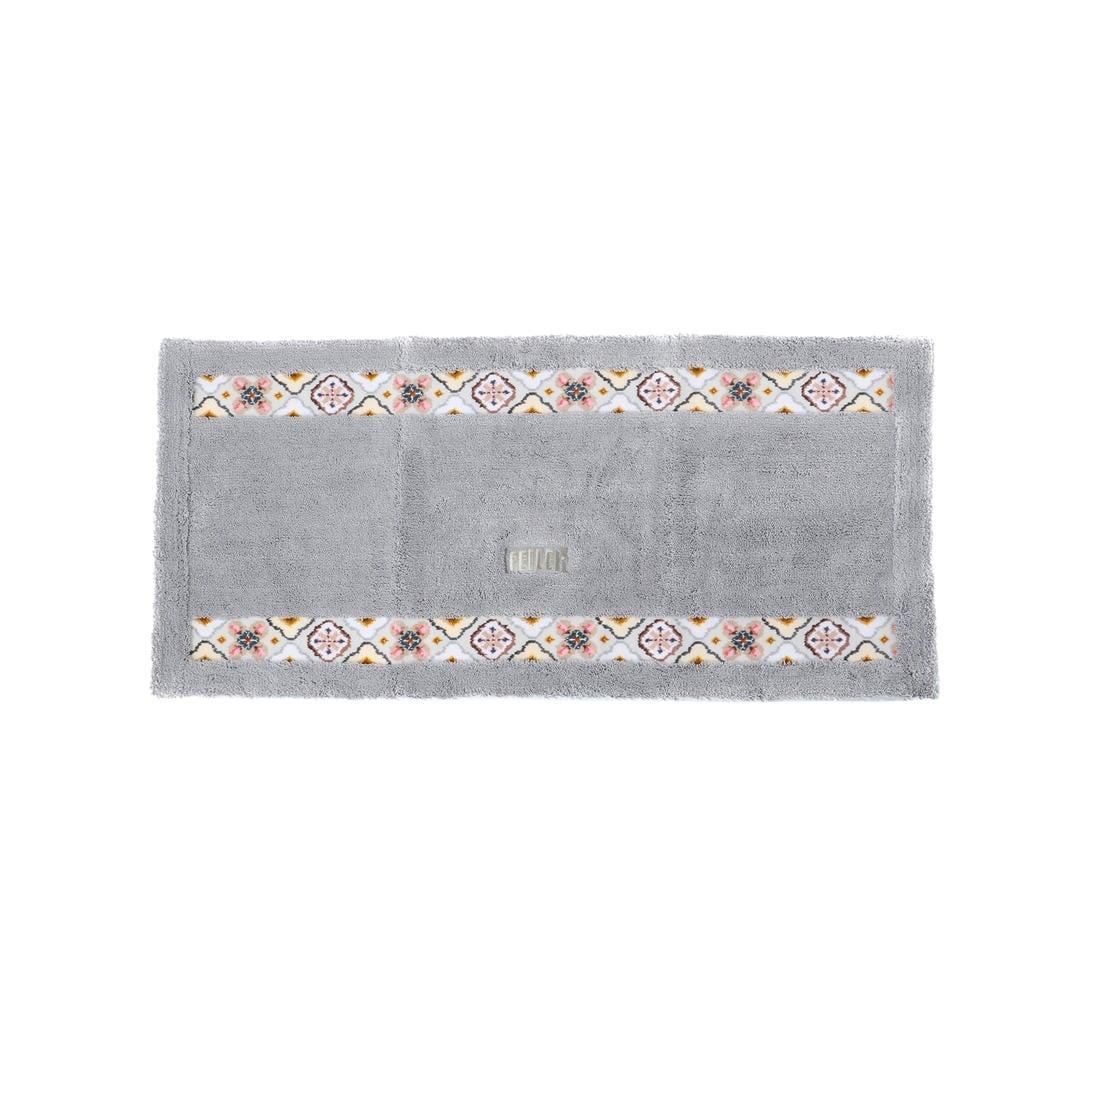 モザイクフローラ キッチンマット MOS-181035